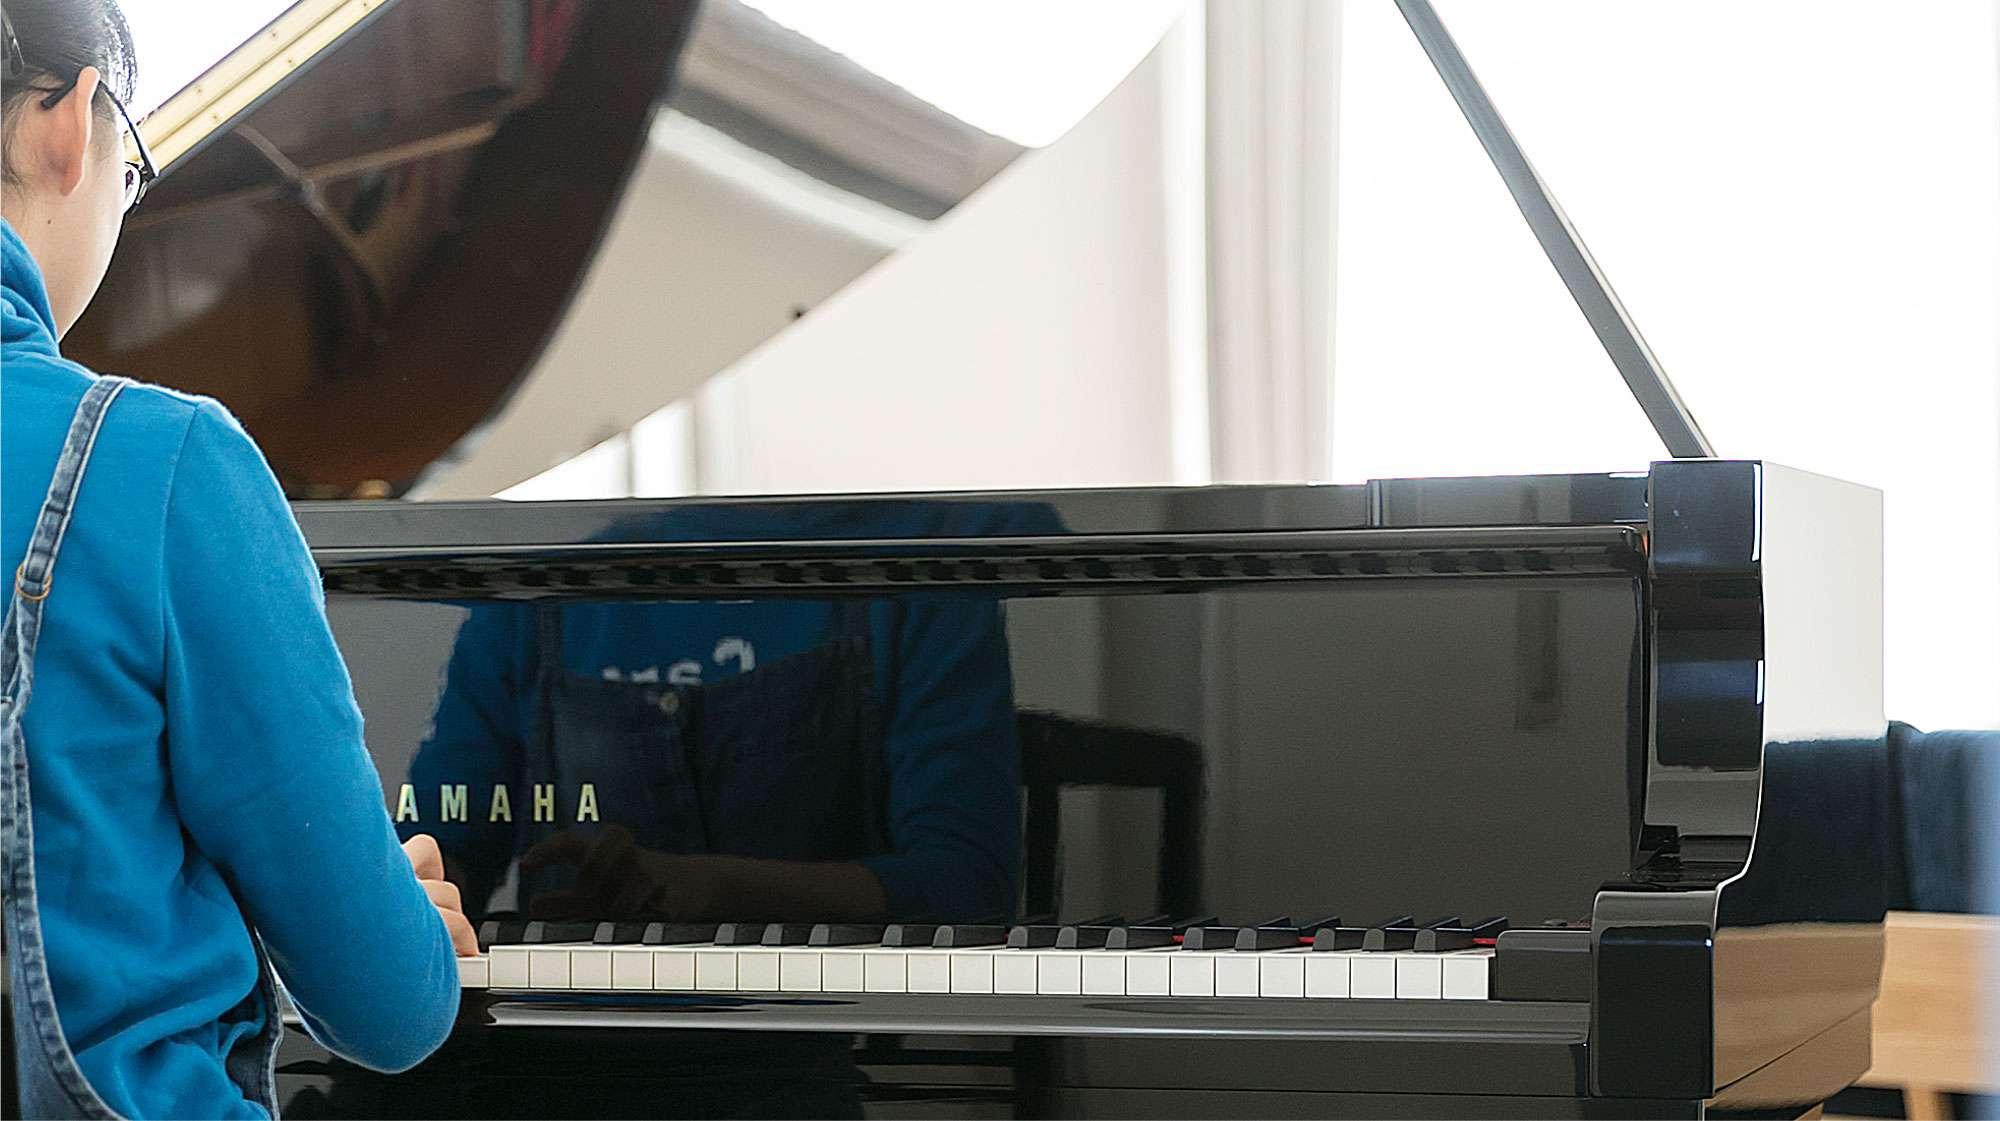 """<img class=""""preload lead lead_003"""" src=""""https://i-llhome.jp/elements/img_lead_slide_003.png"""" alt=""""「ピアノは置いておくから」って言ってたよ、パパが。"""">"""